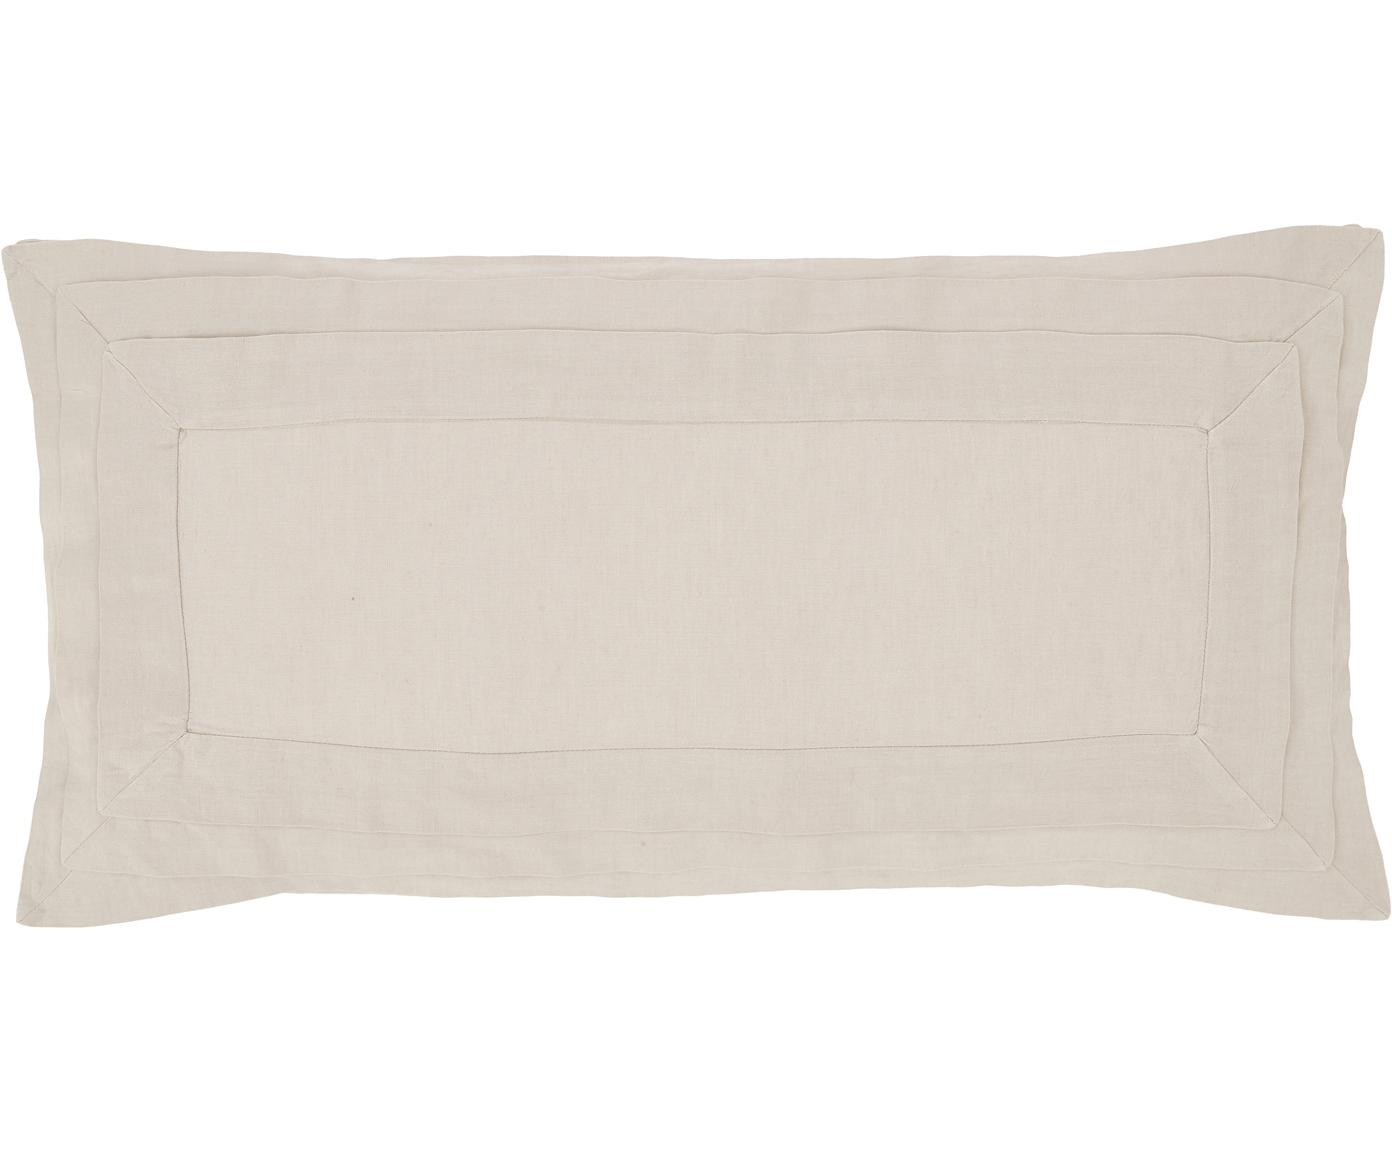 Gewaschene Leinen-Kissenbezüge Helena in Beige mit Stehsaum, 2 Stück, Halbleinen (52% Leinen, 48% Baumwolle)  Fadendichte 136 TC, Standard Qualität  Halbleinen hat von Natur aus einen kernigen Griff und einen natürlichen Knitterlook, der durch den Stonewash-Effekt verstärkt wird. Es absorbiert bis zu 35% Luftfeuchtigkeit, trocknet sehr schnell und wirkt in Sommernächten angenehm kühlend. Die hohe Reißfestigkeit macht Halbleinen scheuerfest und strapazierfähig., Beige, 40 x 80 cm